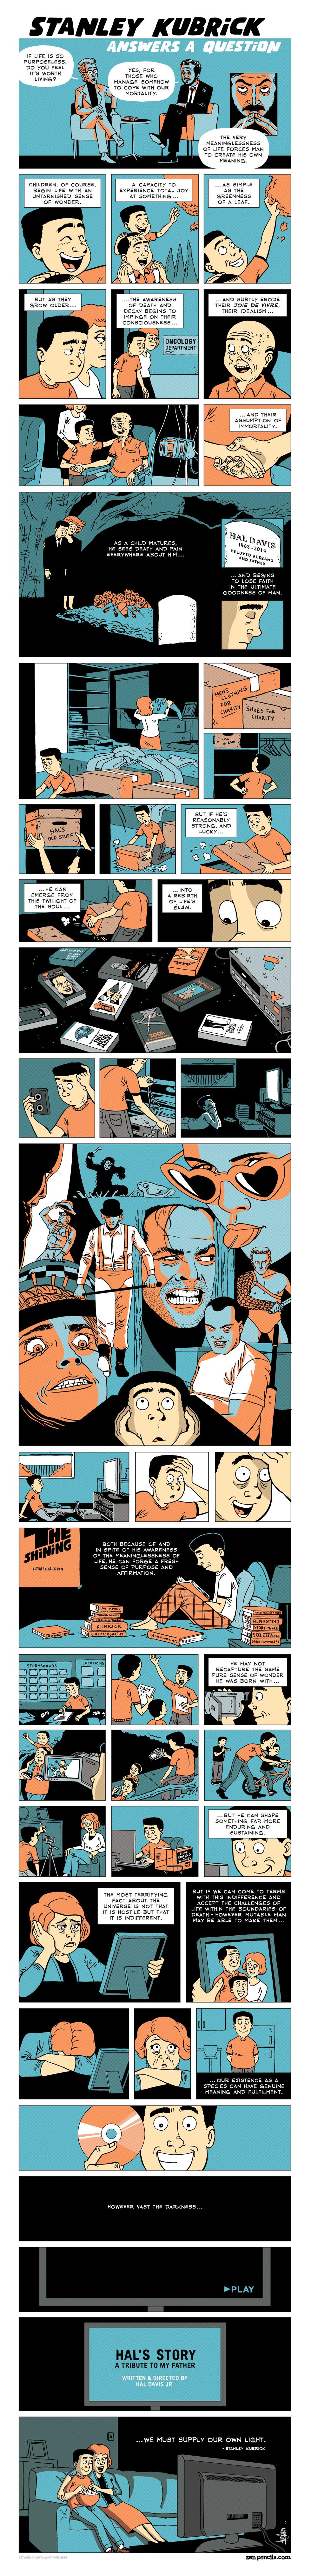 Stanley Kubrick Zenpencils